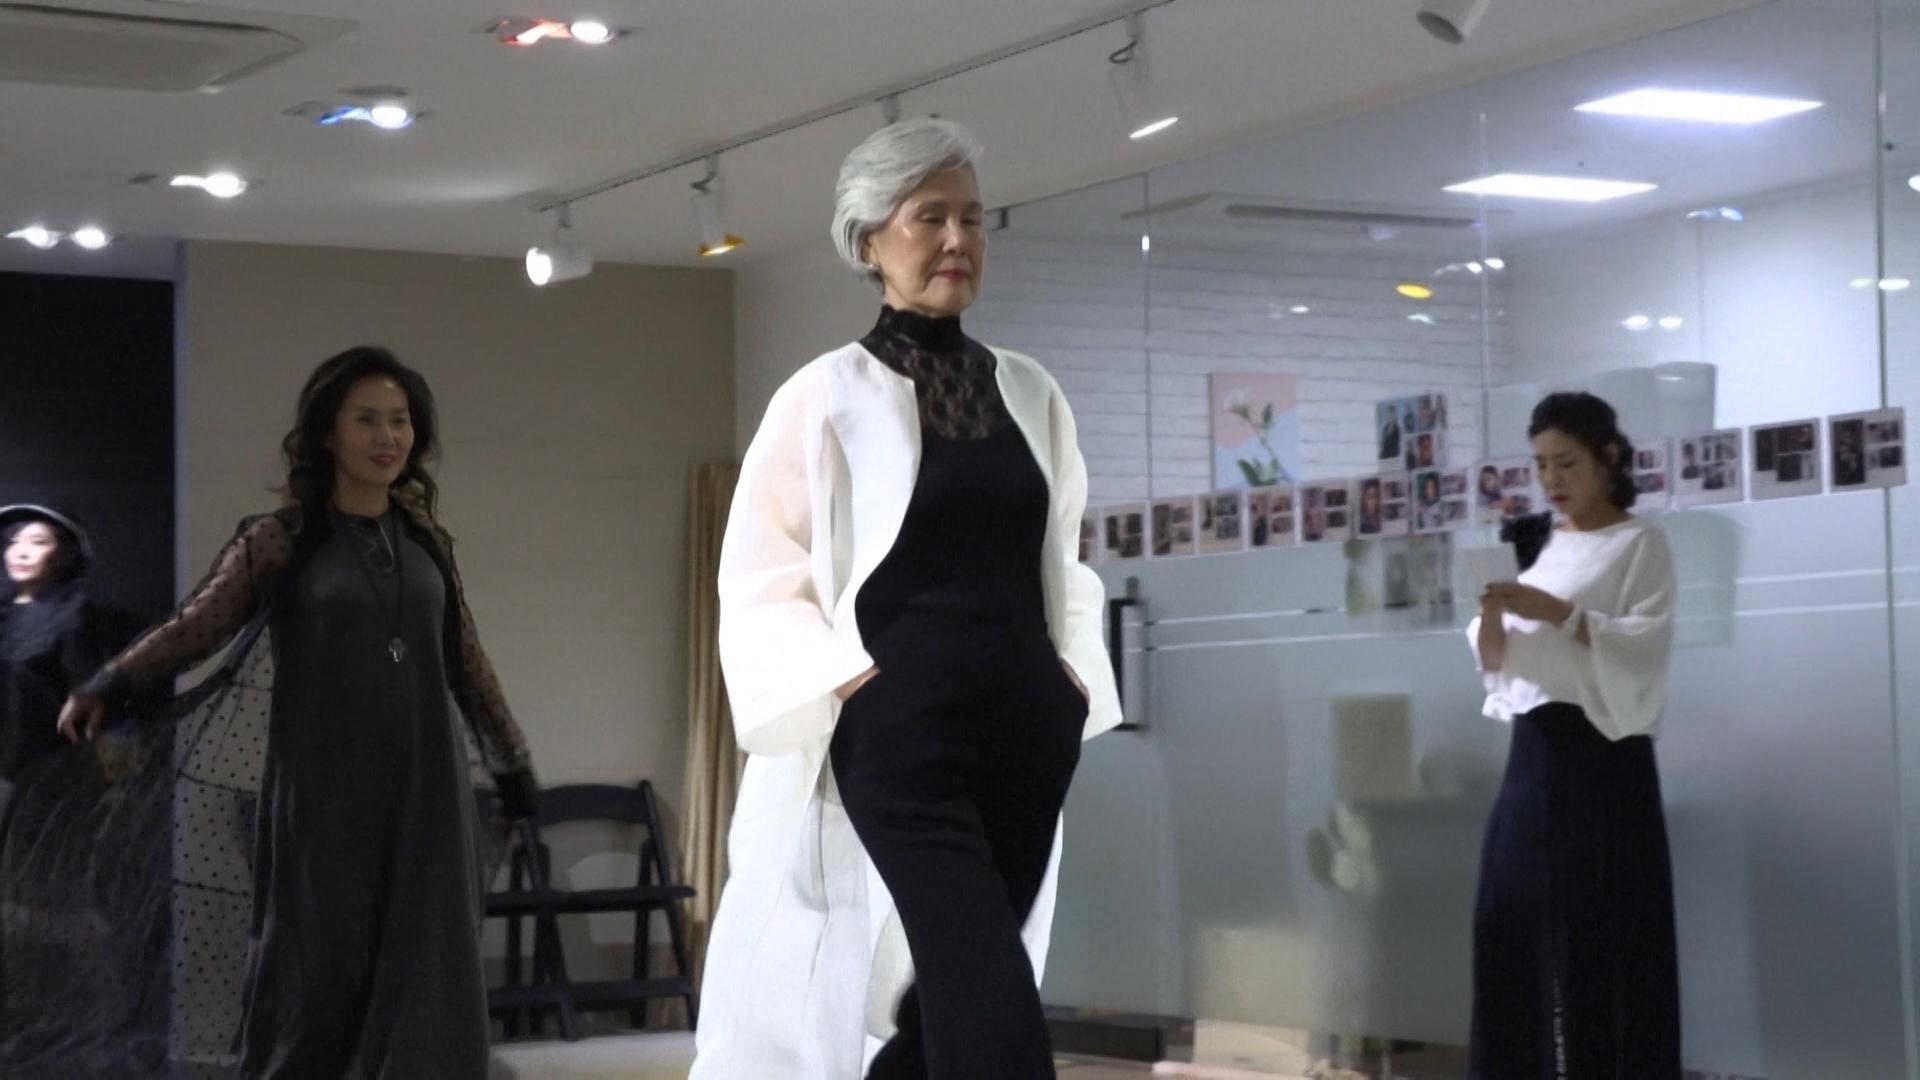 Modelos de la tercera edad, puente entre generaciones en Corea del Sur